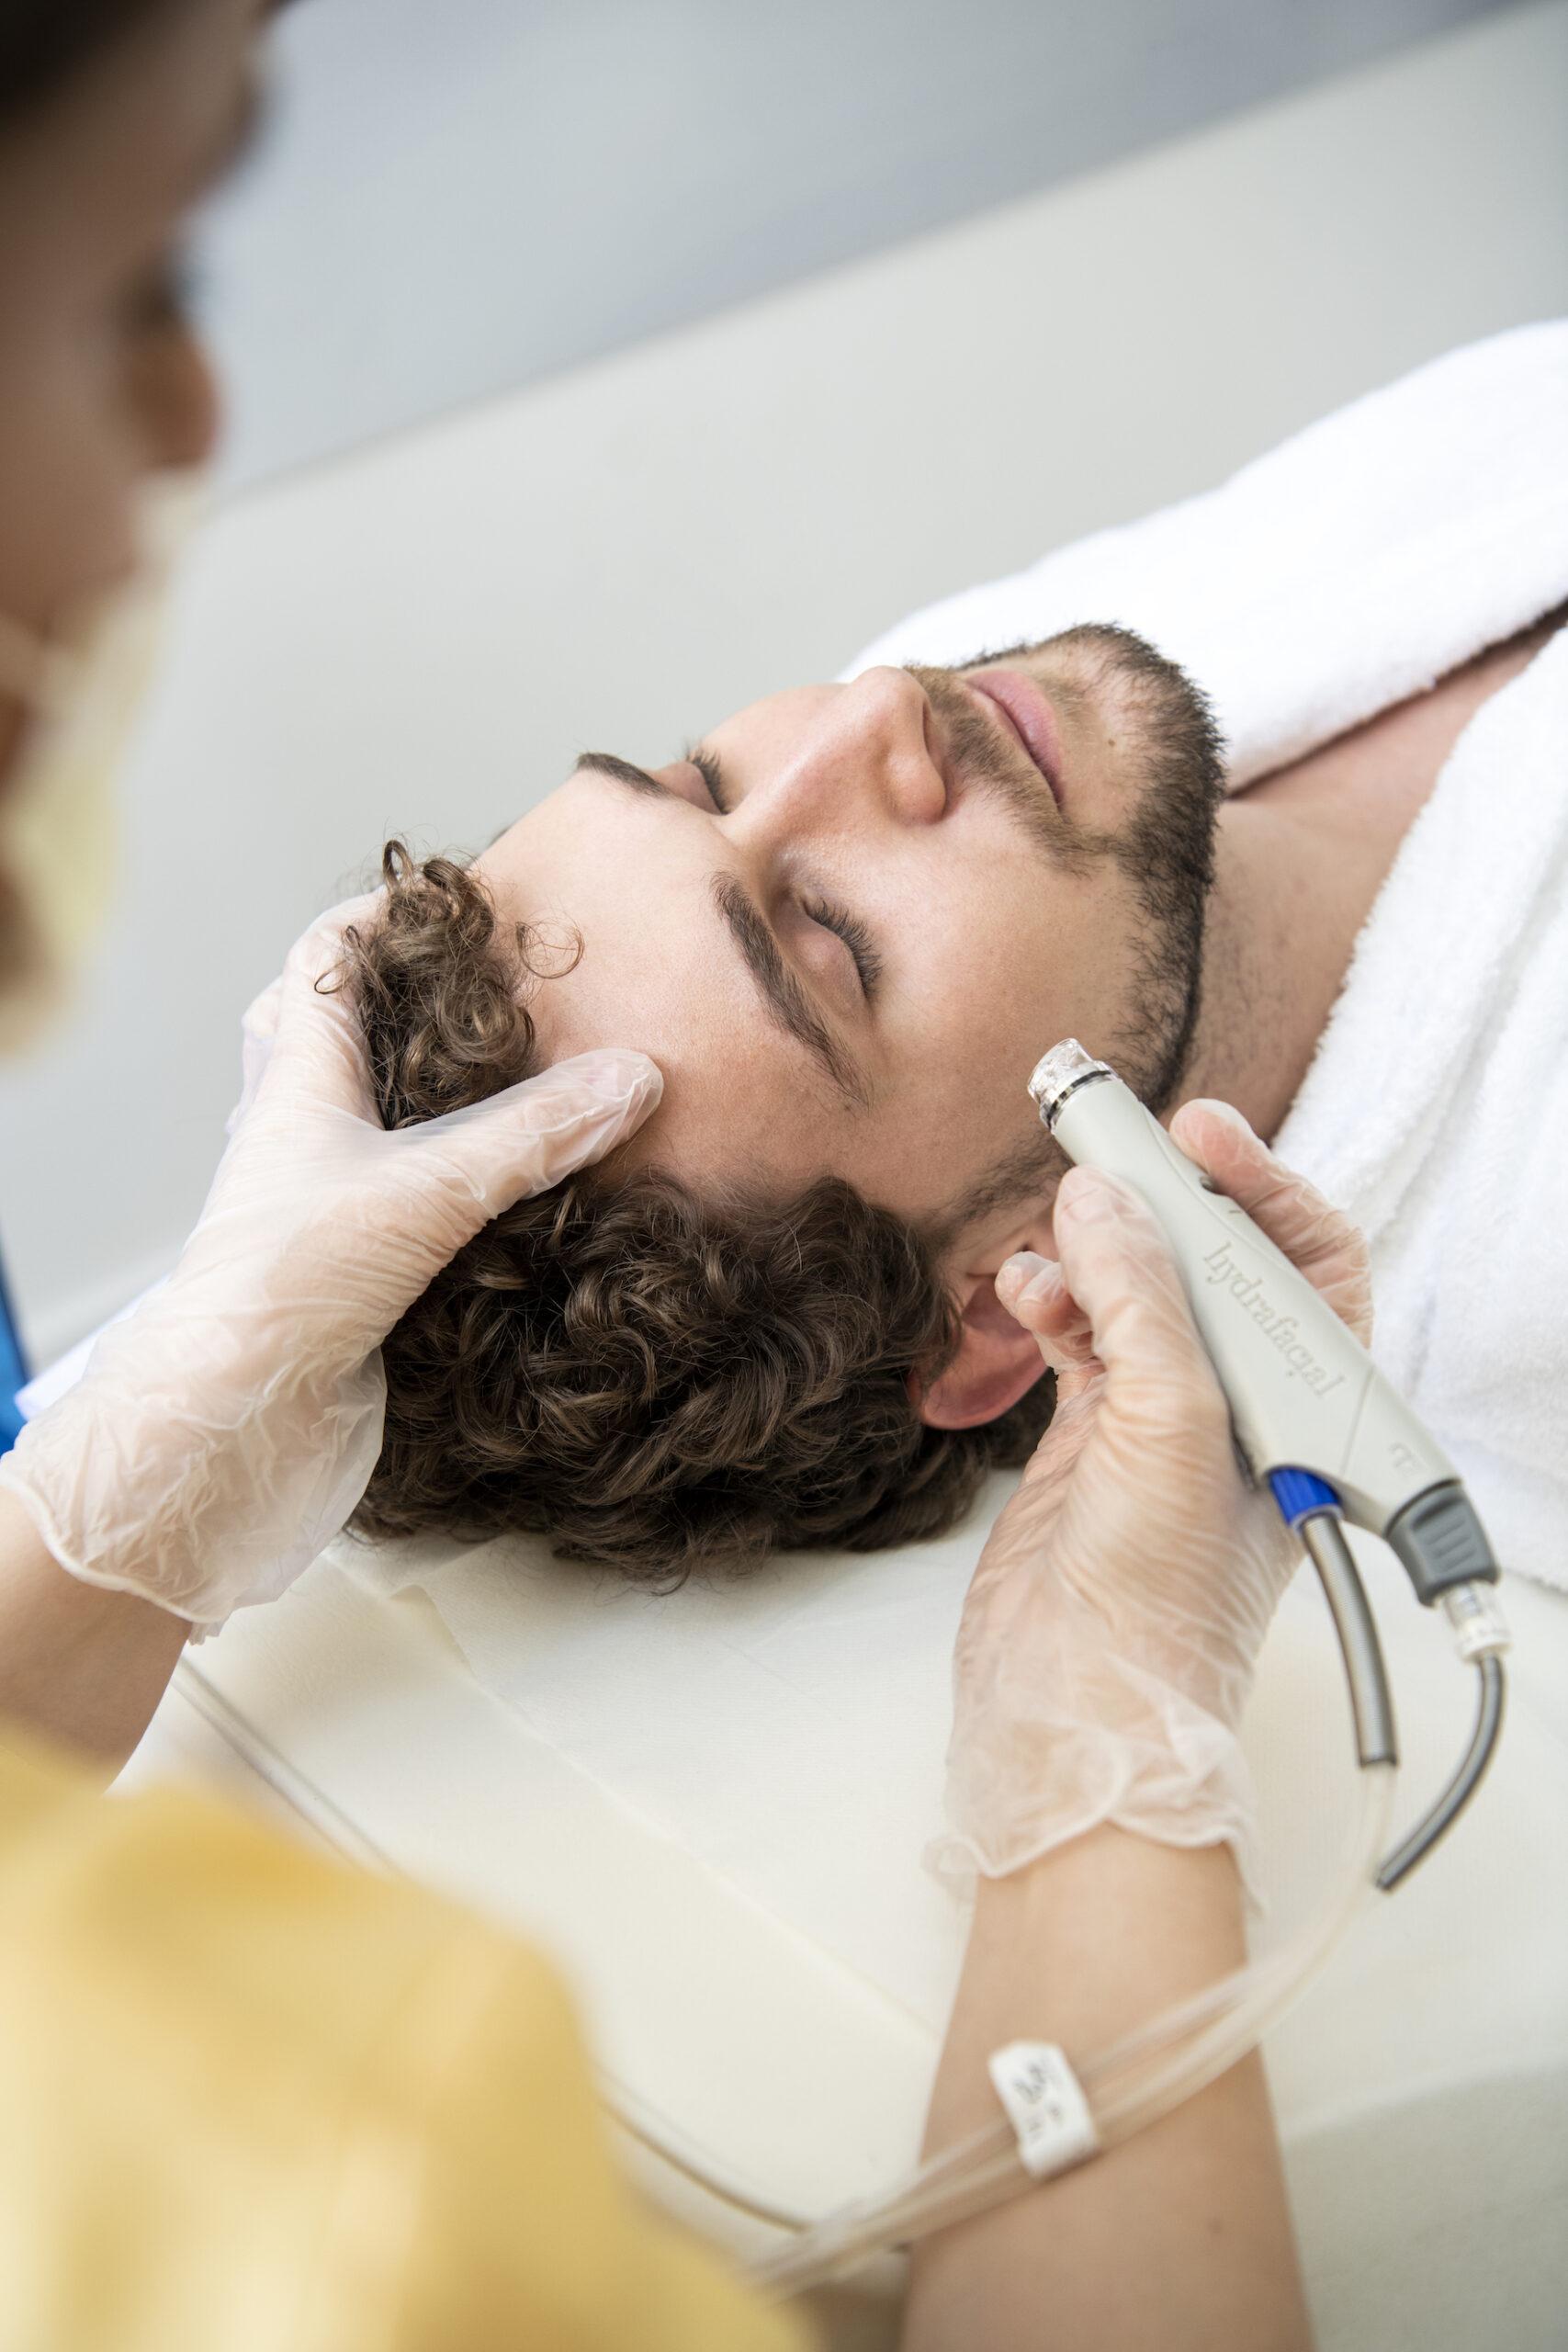 Hydrafacial 2.0 доказано води до: 90% изглаждане на ранни мимически бръчки, 94% редуциране на петна и изглаждане на тена и 97% по-гладка, мека, блестяща и млада кожа.